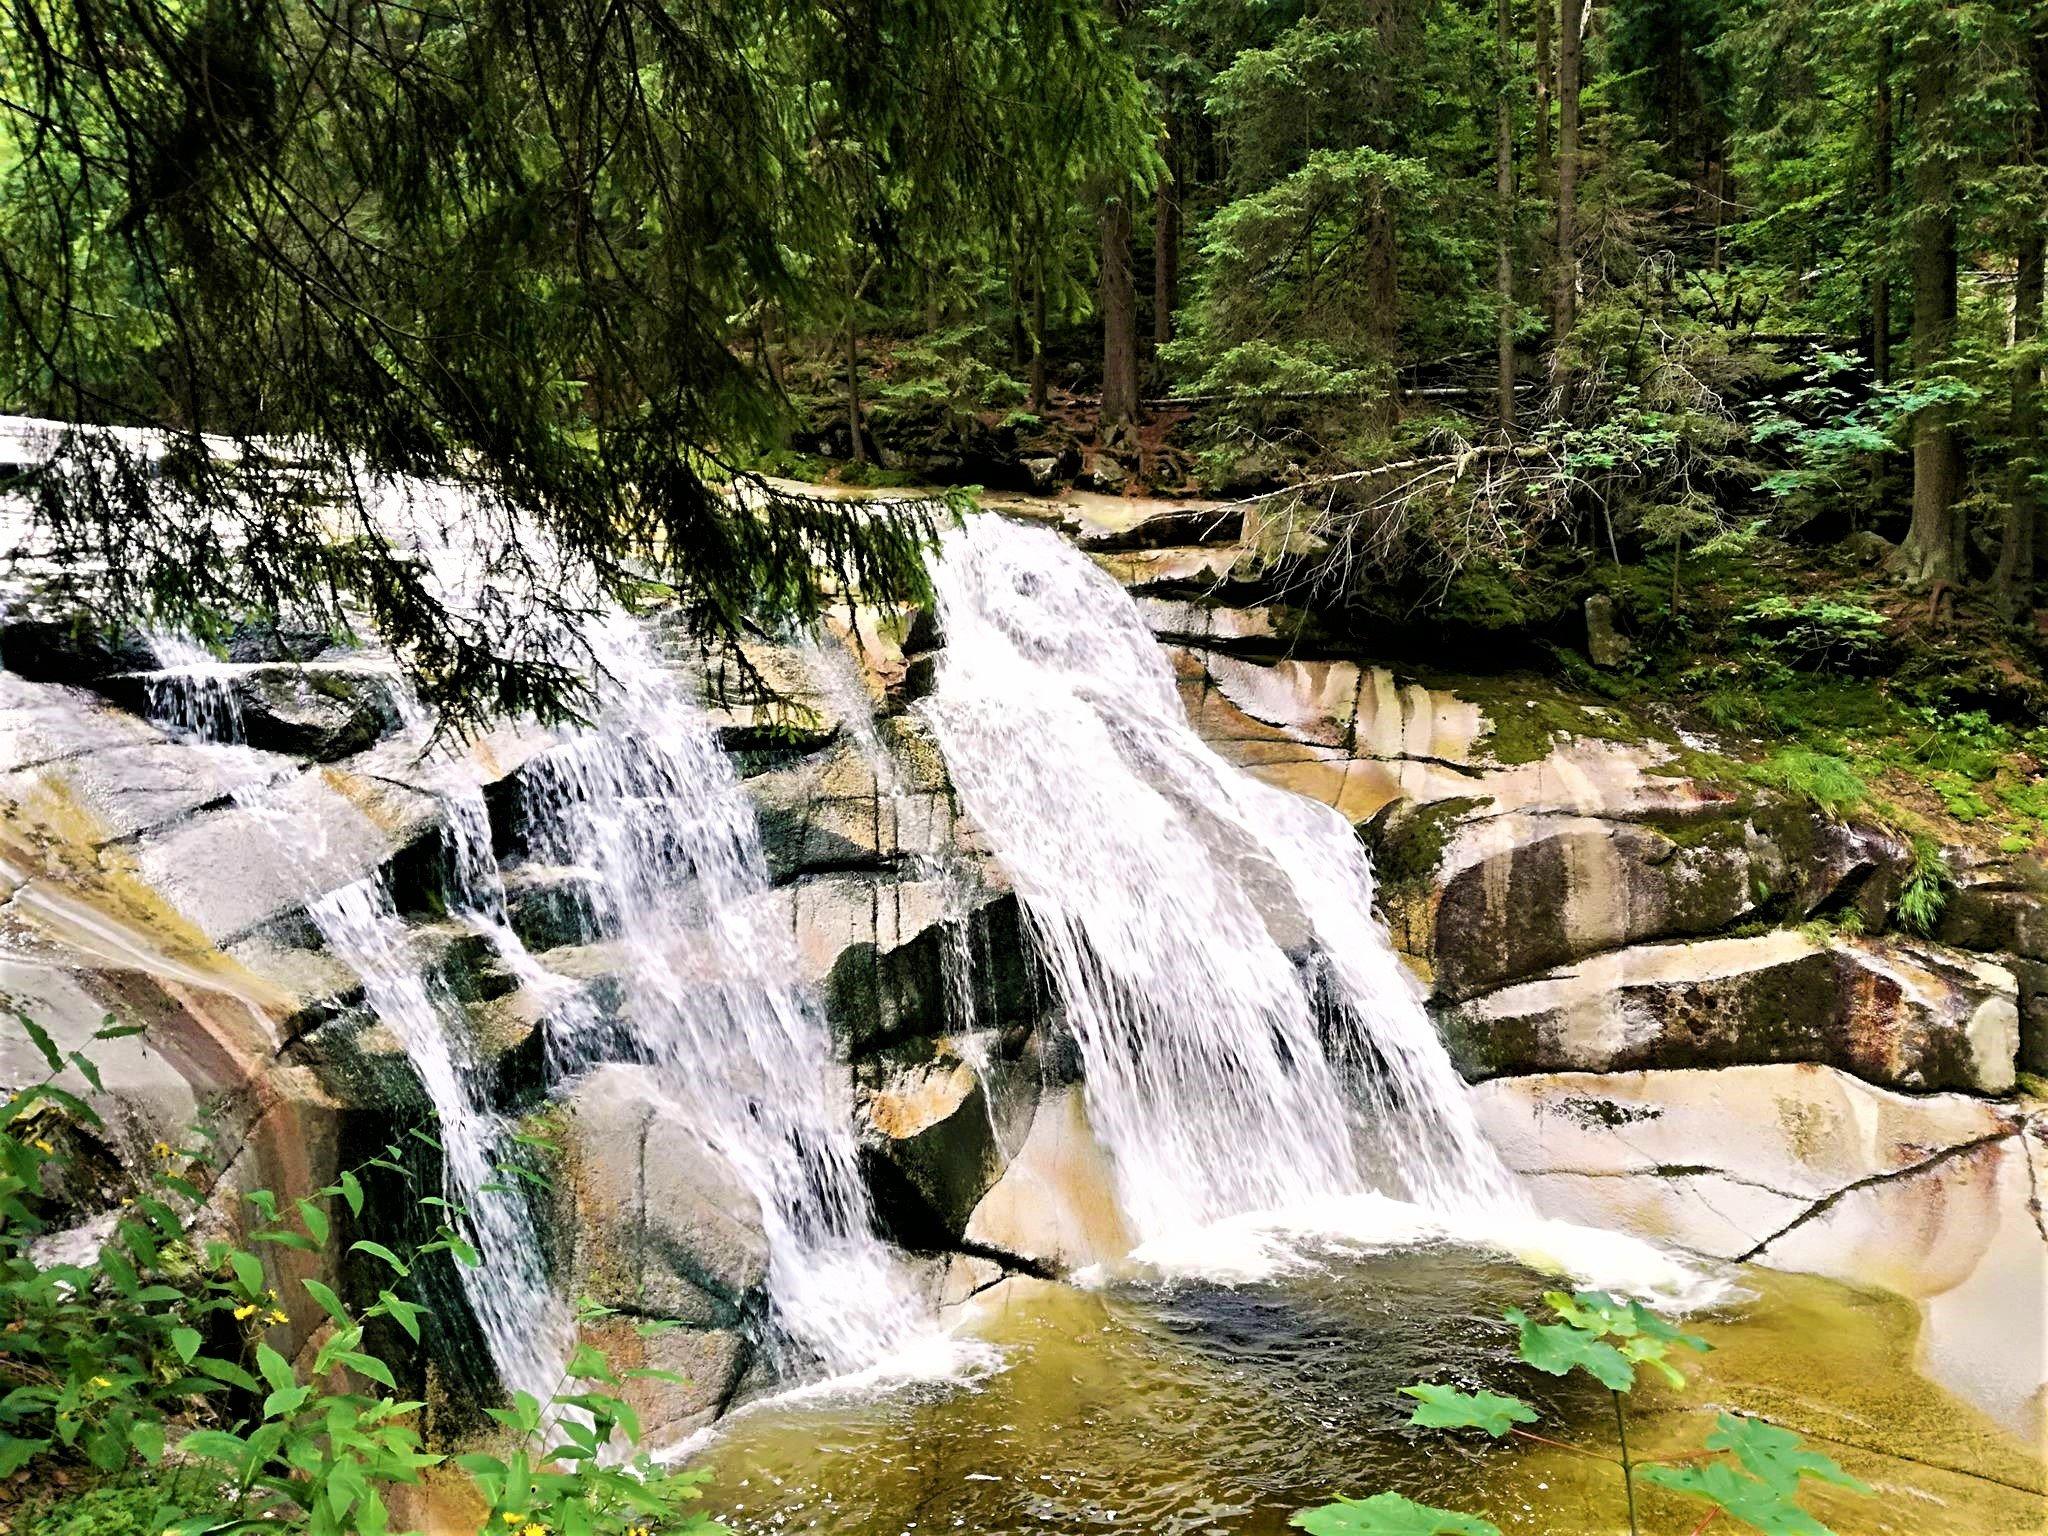 Tsjechië is rijk aan prachtige watervallen